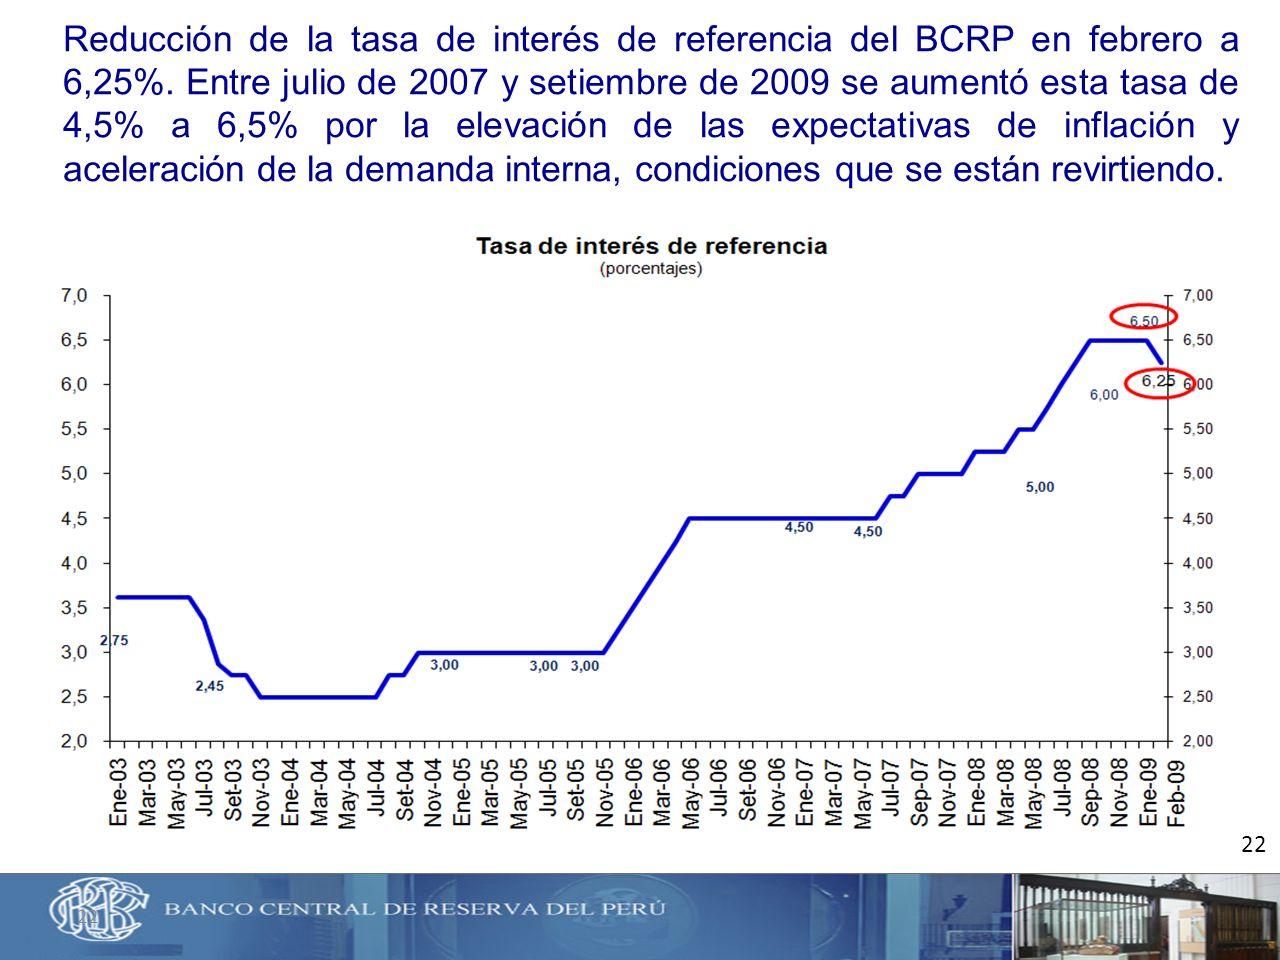 22 Reducción de la tasa de interés de referencia del BCRP en febrero a 6,25%. Entre julio de 2007 y setiembre de 2009 se aumentó esta tasa de 4,5% a 6